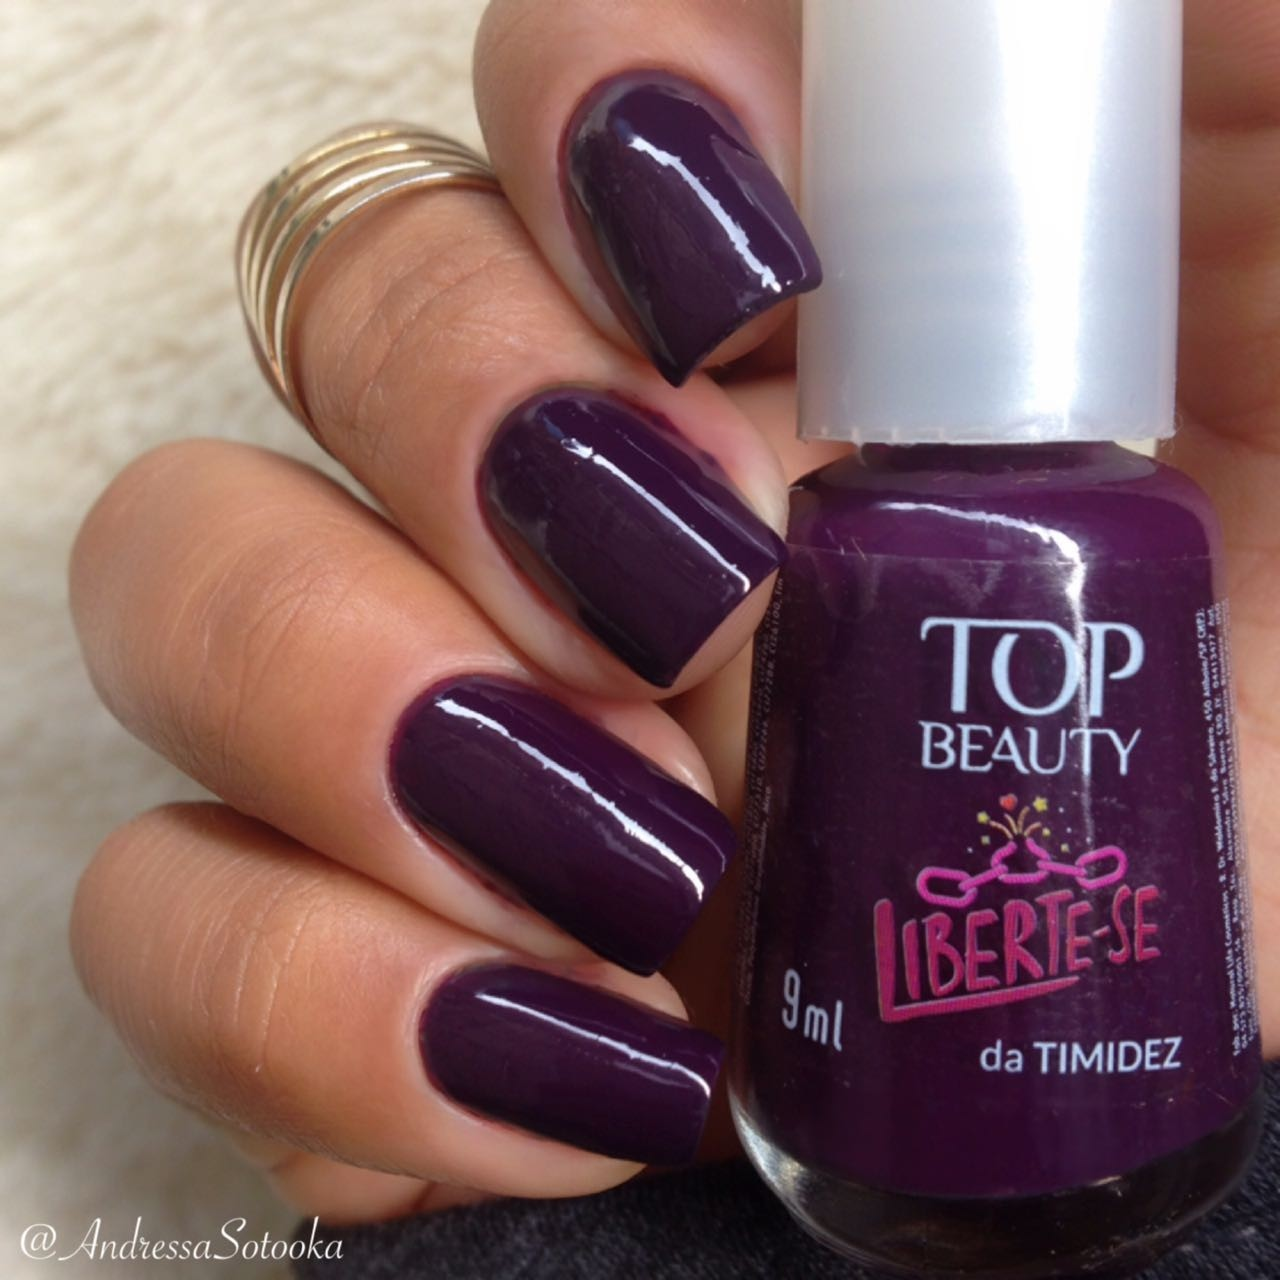 Esmalte Top Beauty Liberte-se da Timidez